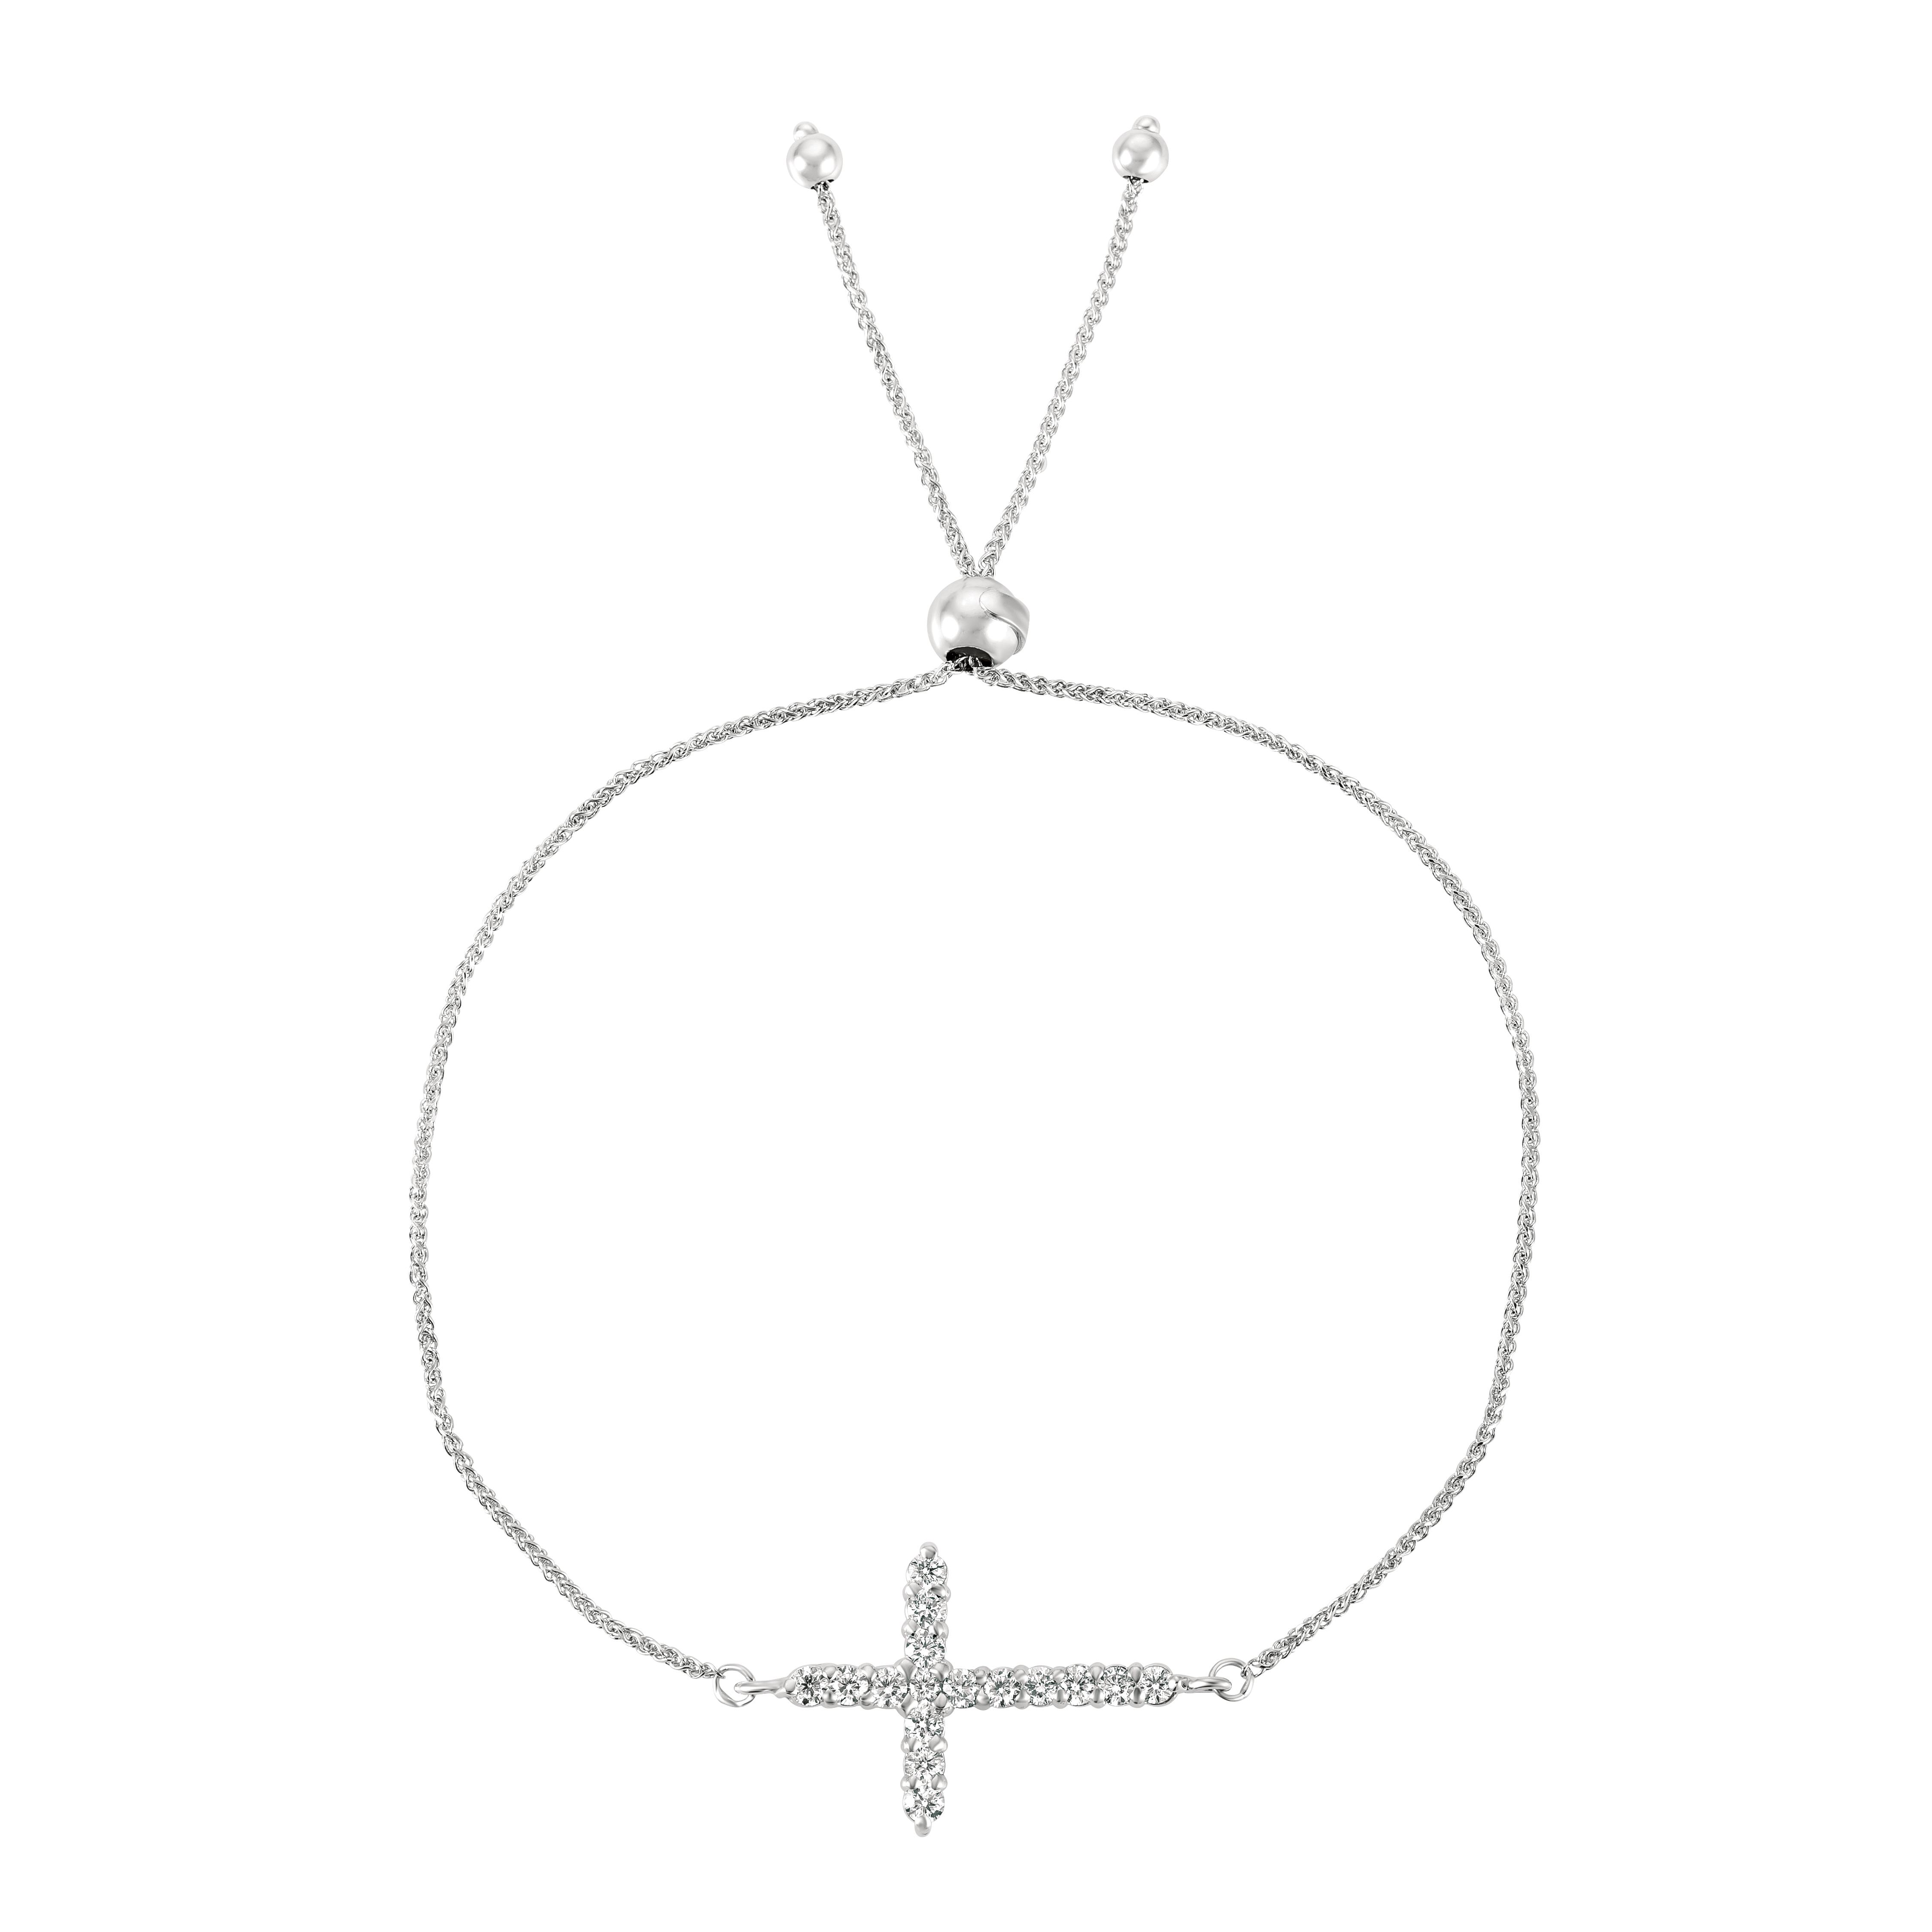 Bolo Diamond Cross Adjustable Bracelet 14k White Gold (0.50ct)